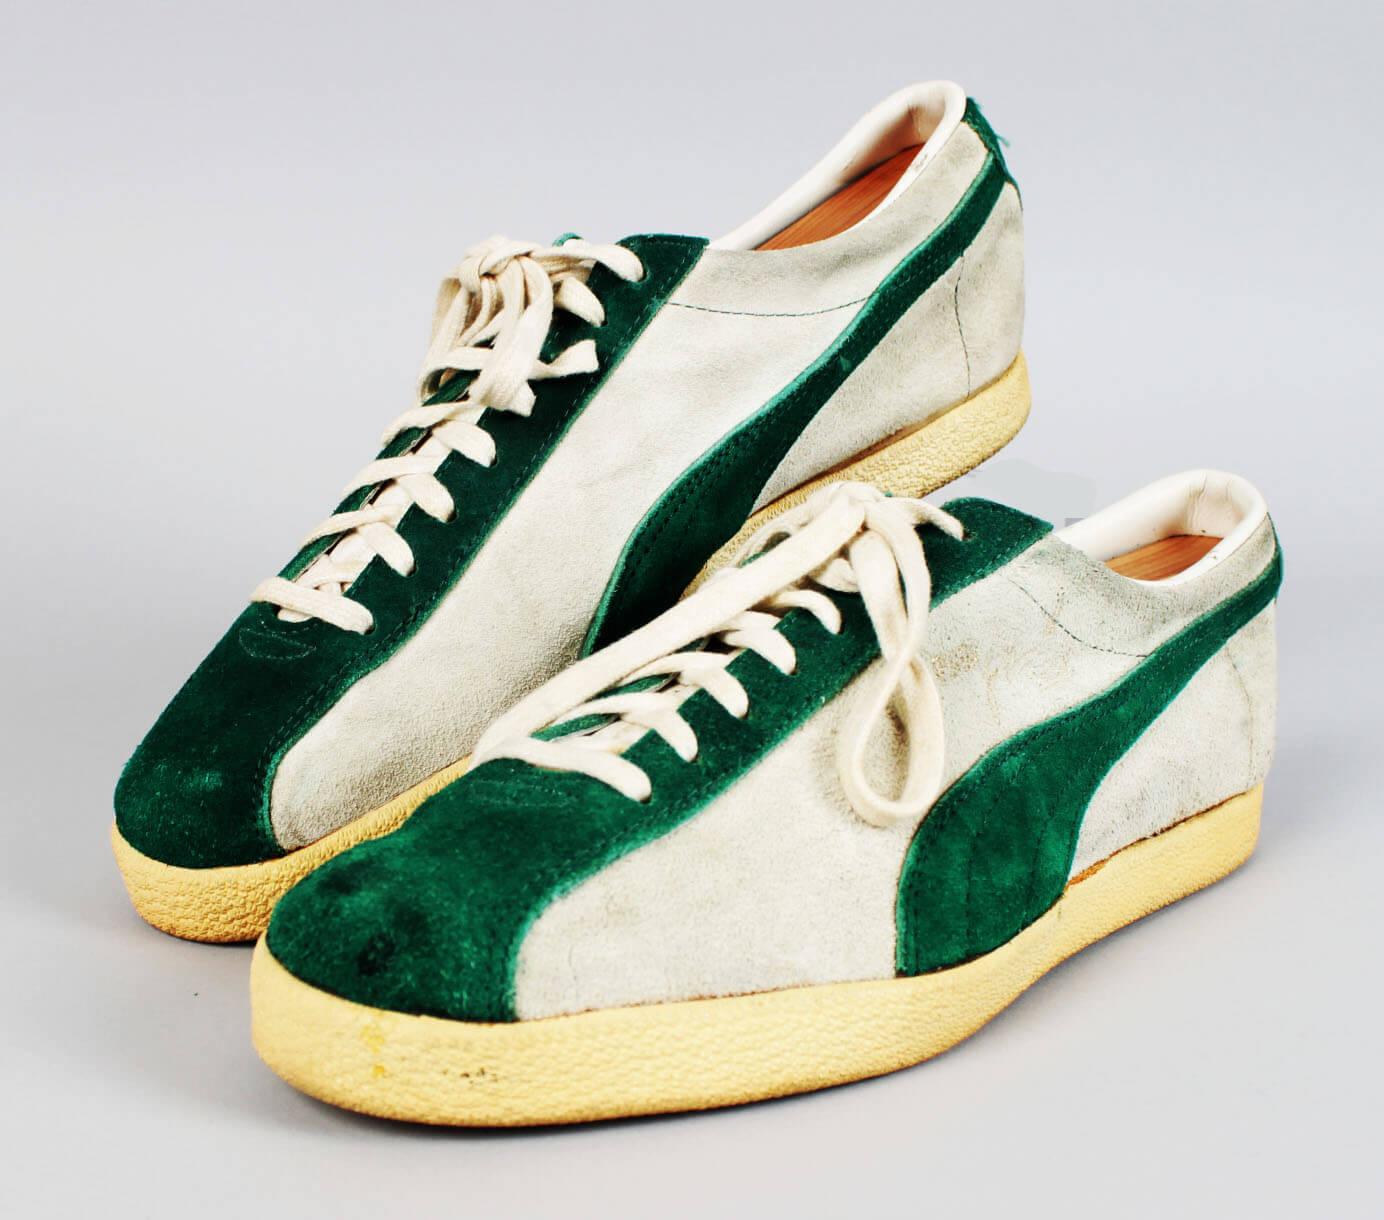 Vintage New York Jets – Joe Namath Custom Worn Walking Sneakers Shoes57599_01